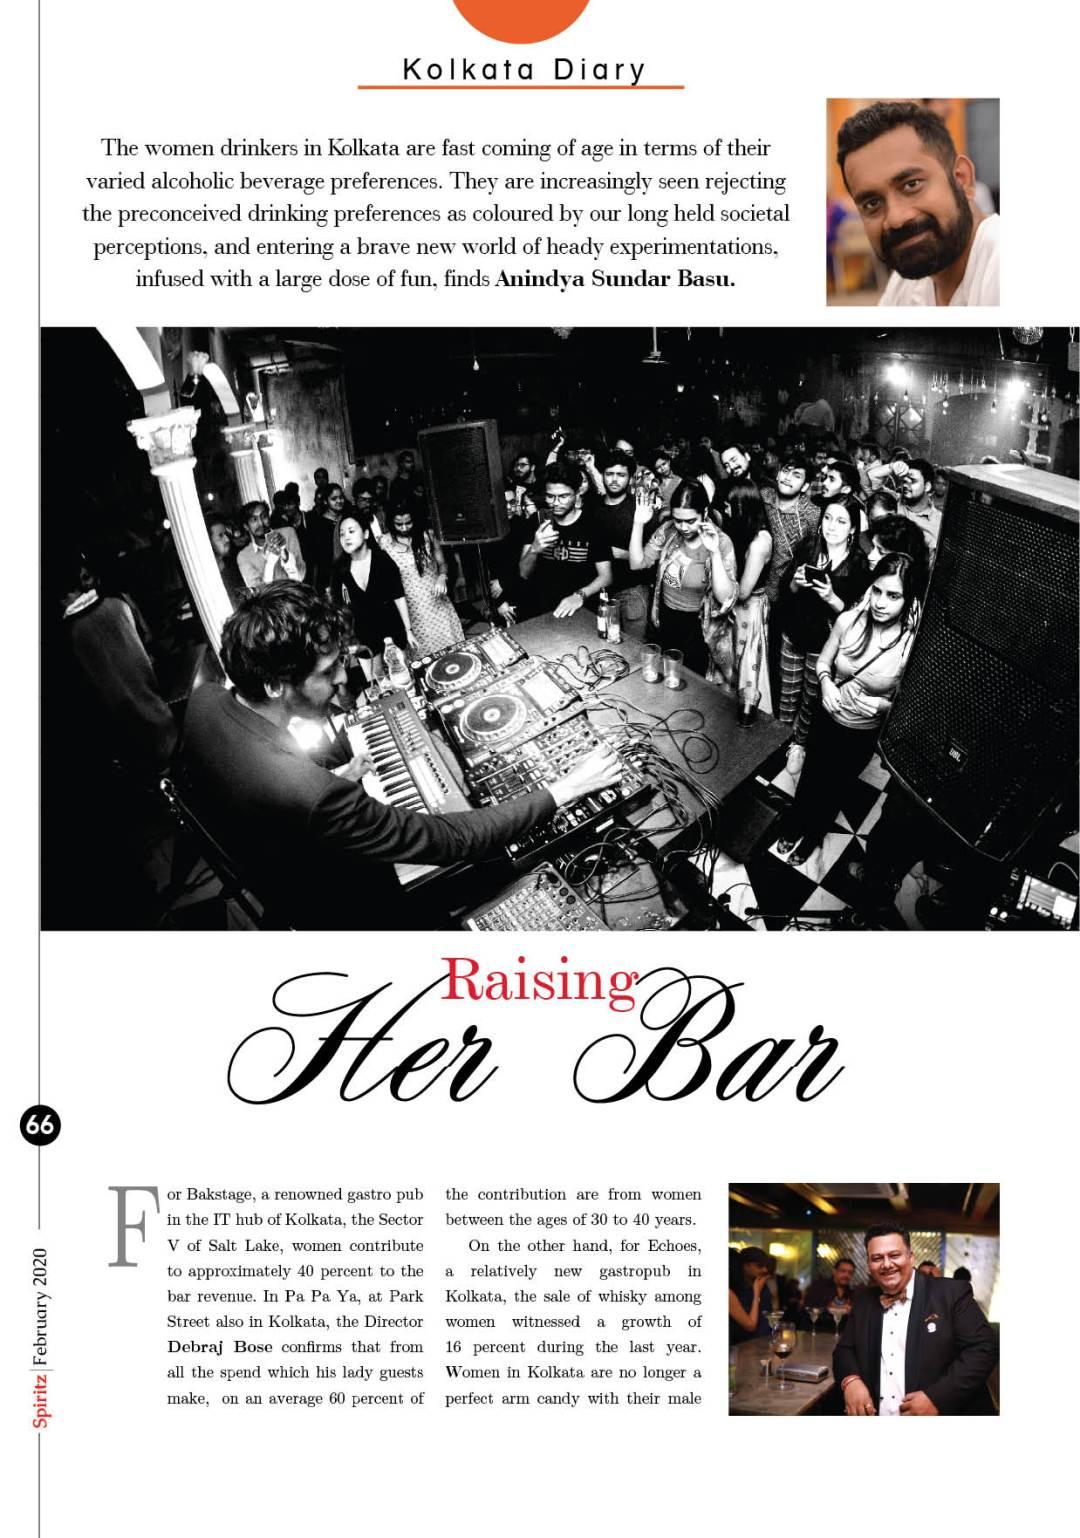 Spiritz- Drinking pattern of Kolkata women - 1